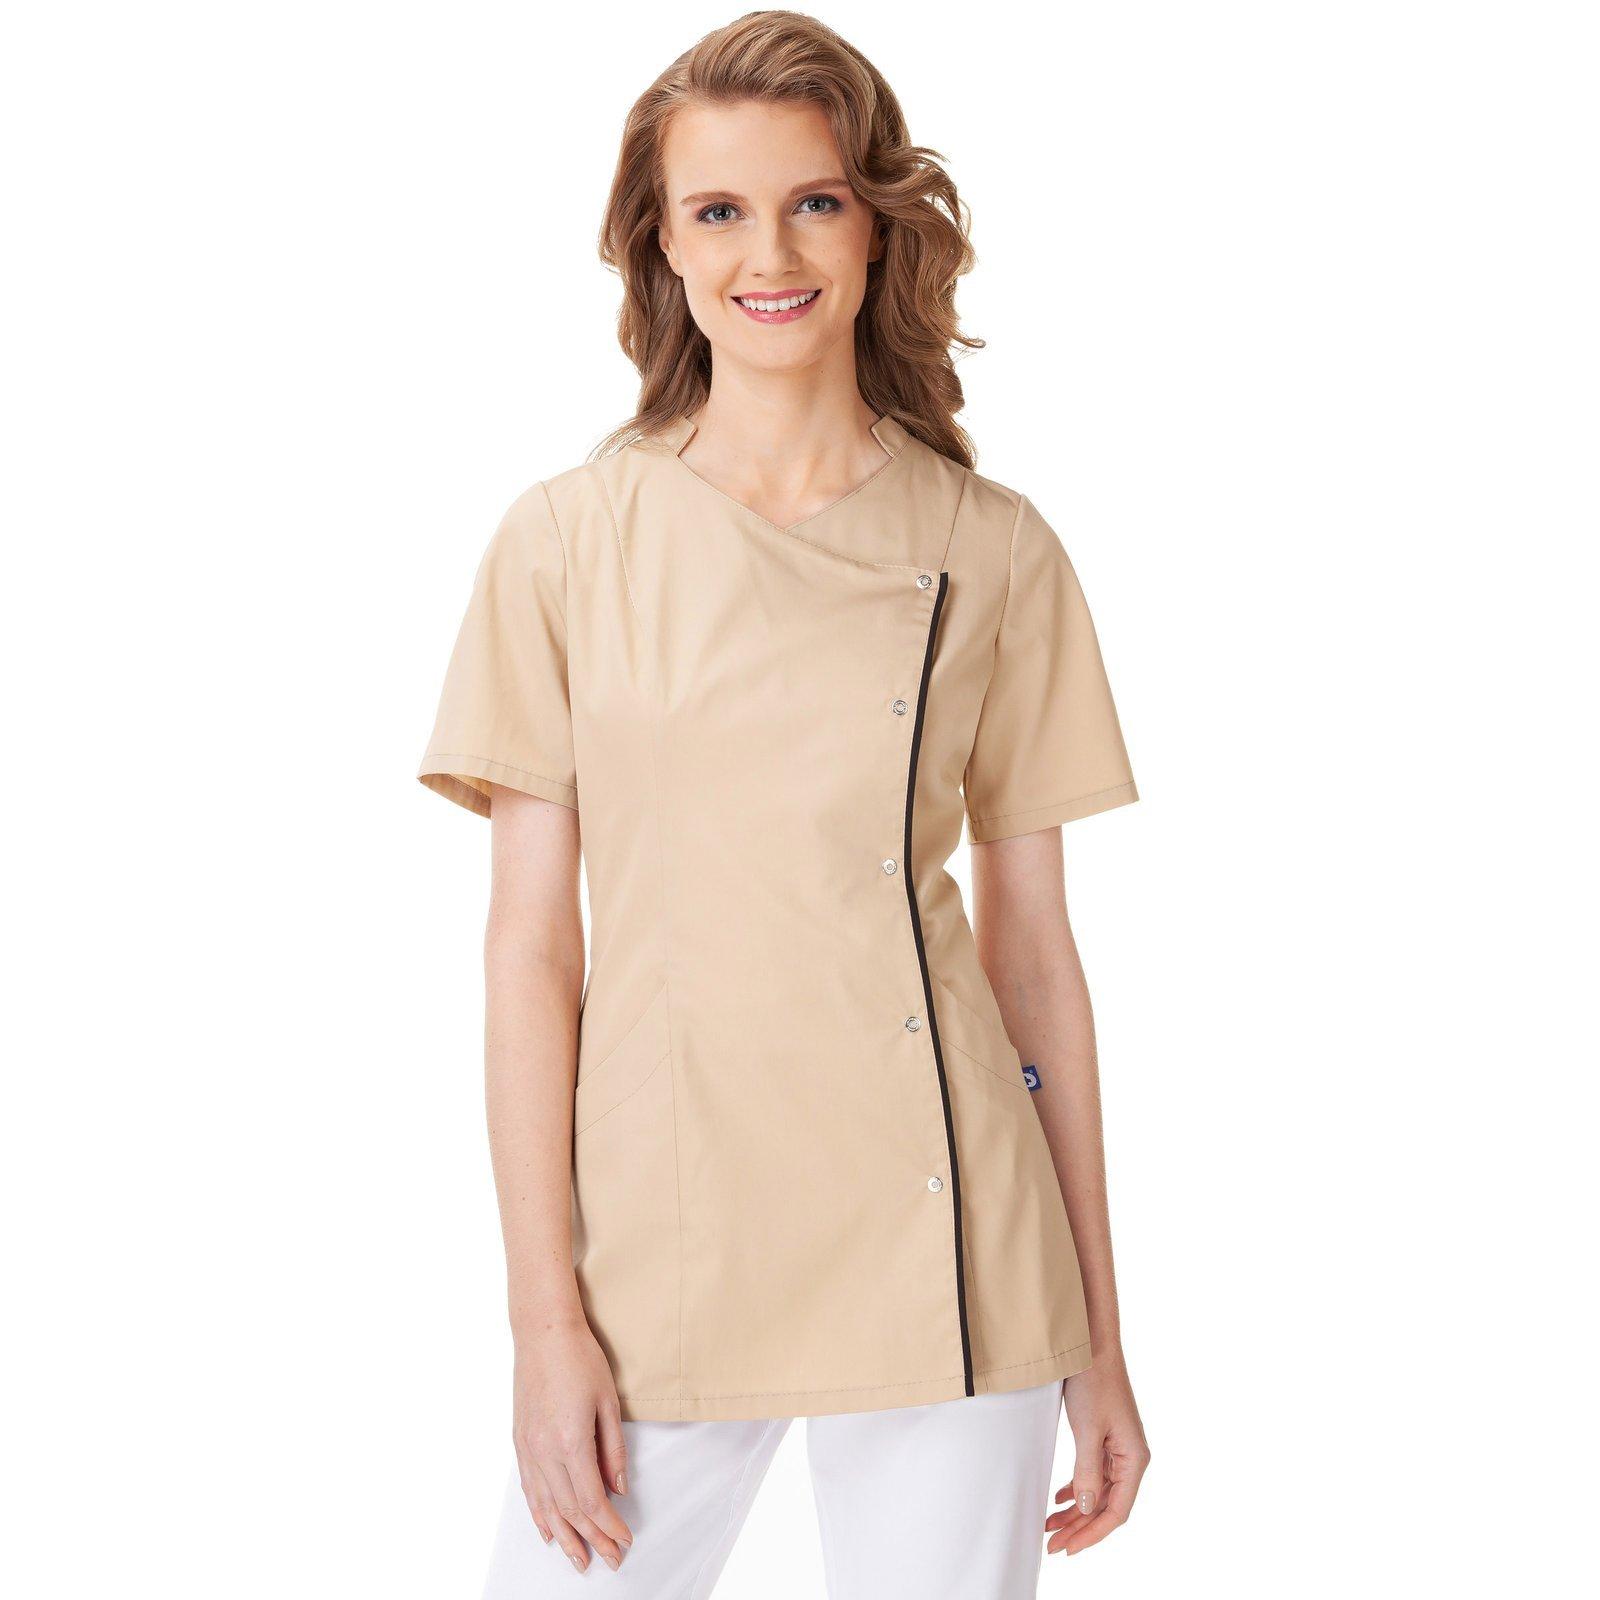 d670f59d6 Dámská Halena Uniformix. UN2038 Béžový | Zdravotnické oděvy \ Dámské ...